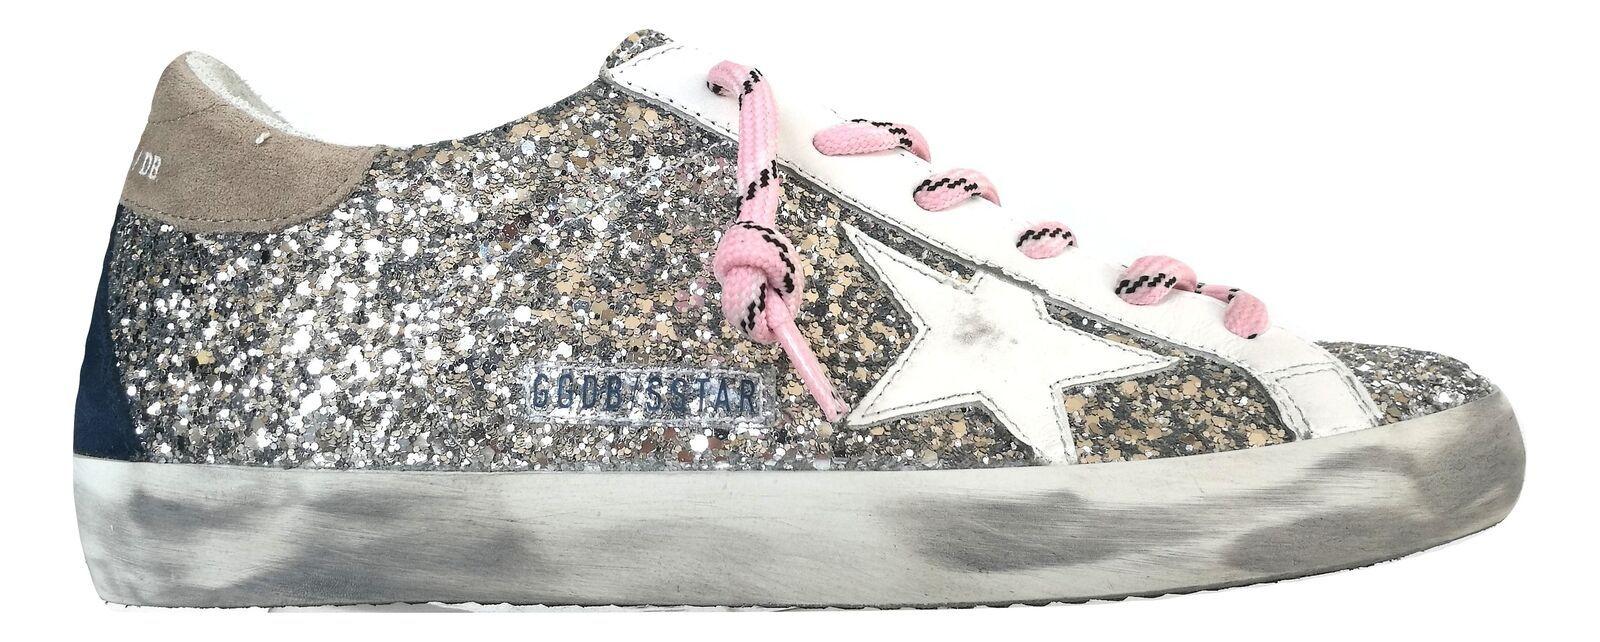 new balance 574 donna rosa glitter